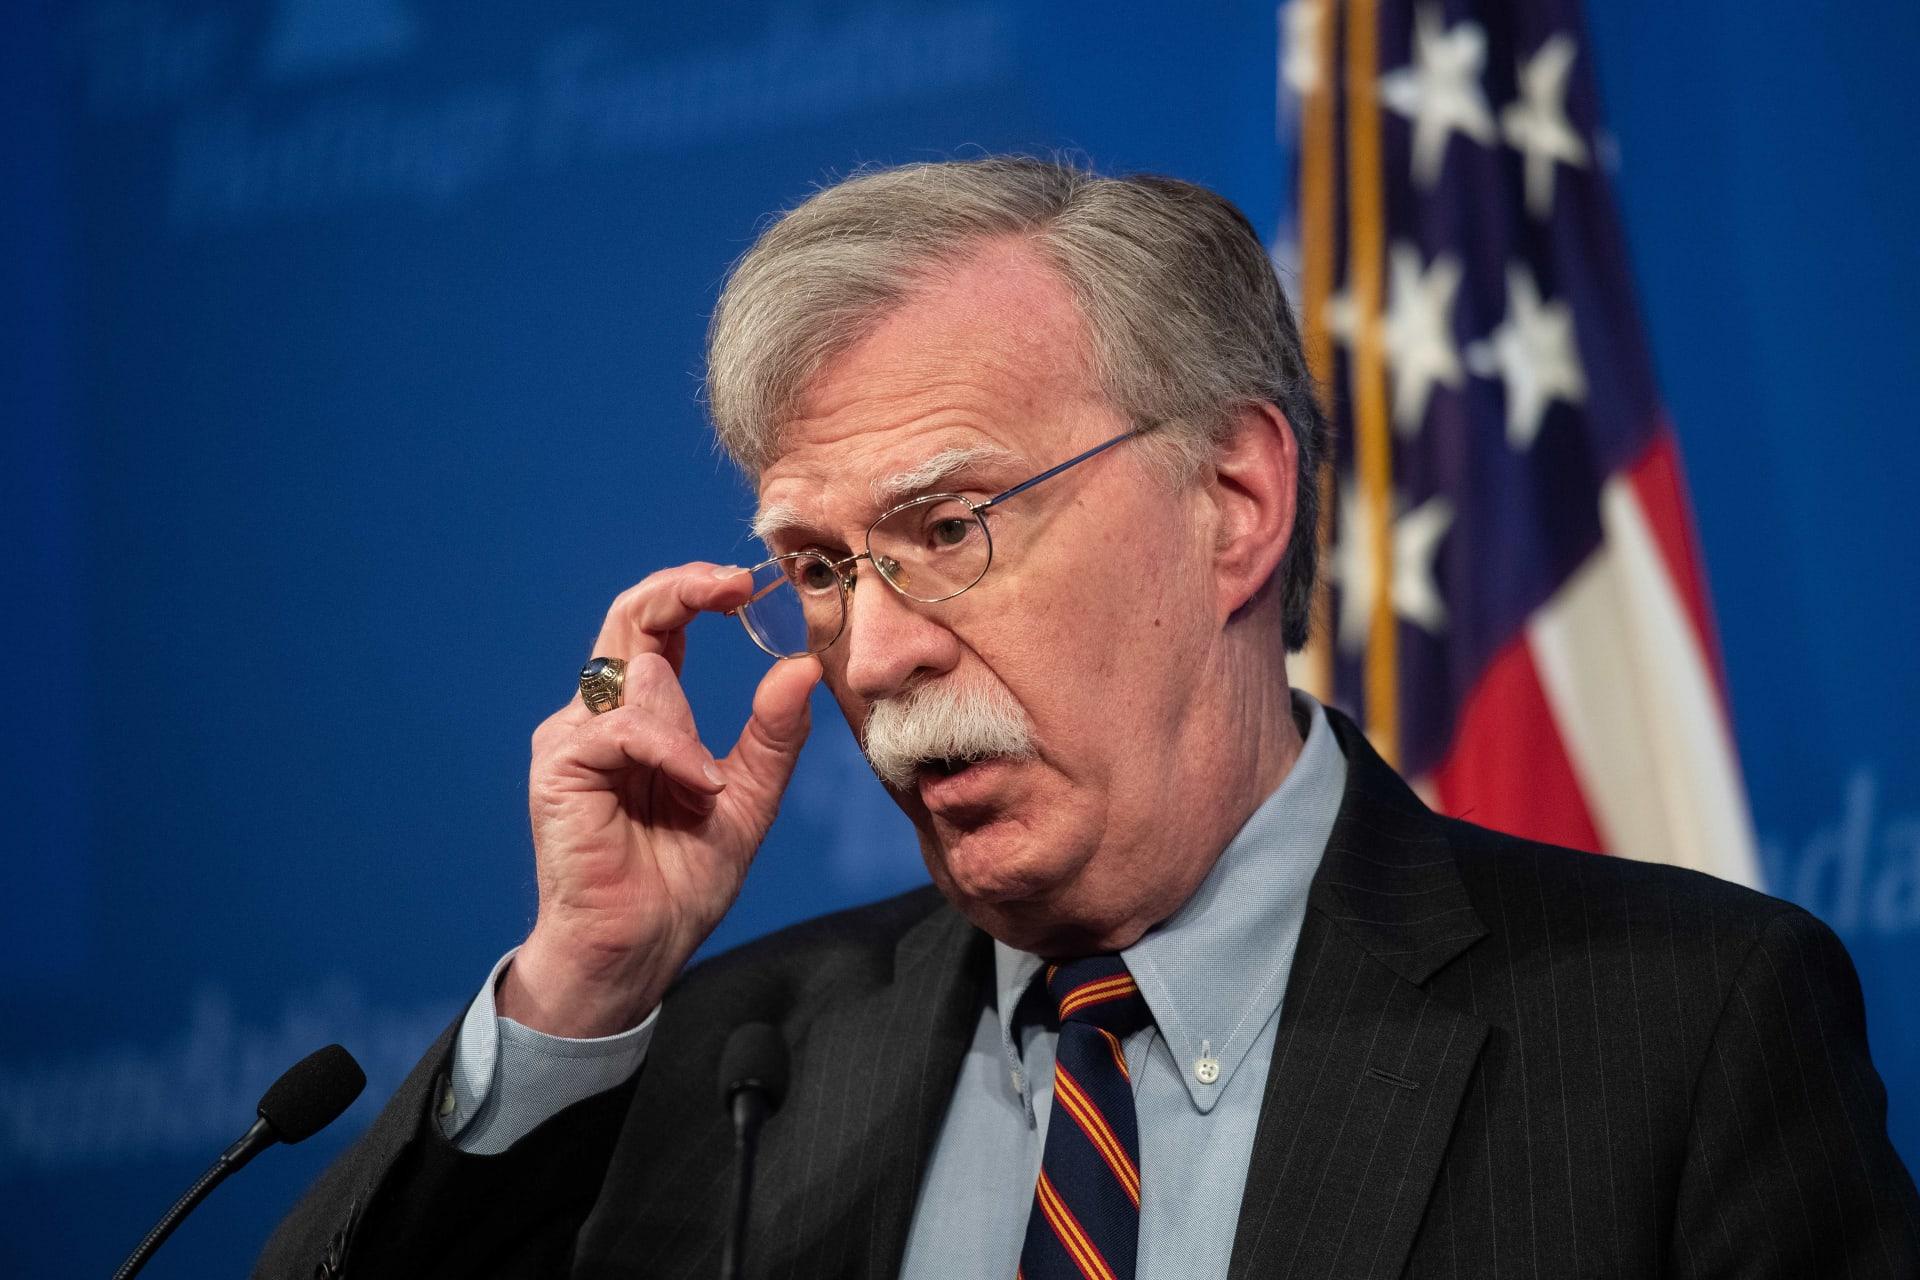 بولتون يطالب بعدم استهداف أكراد سوريا.. وتركيا: ادعاءات لا يتقبلها عقل